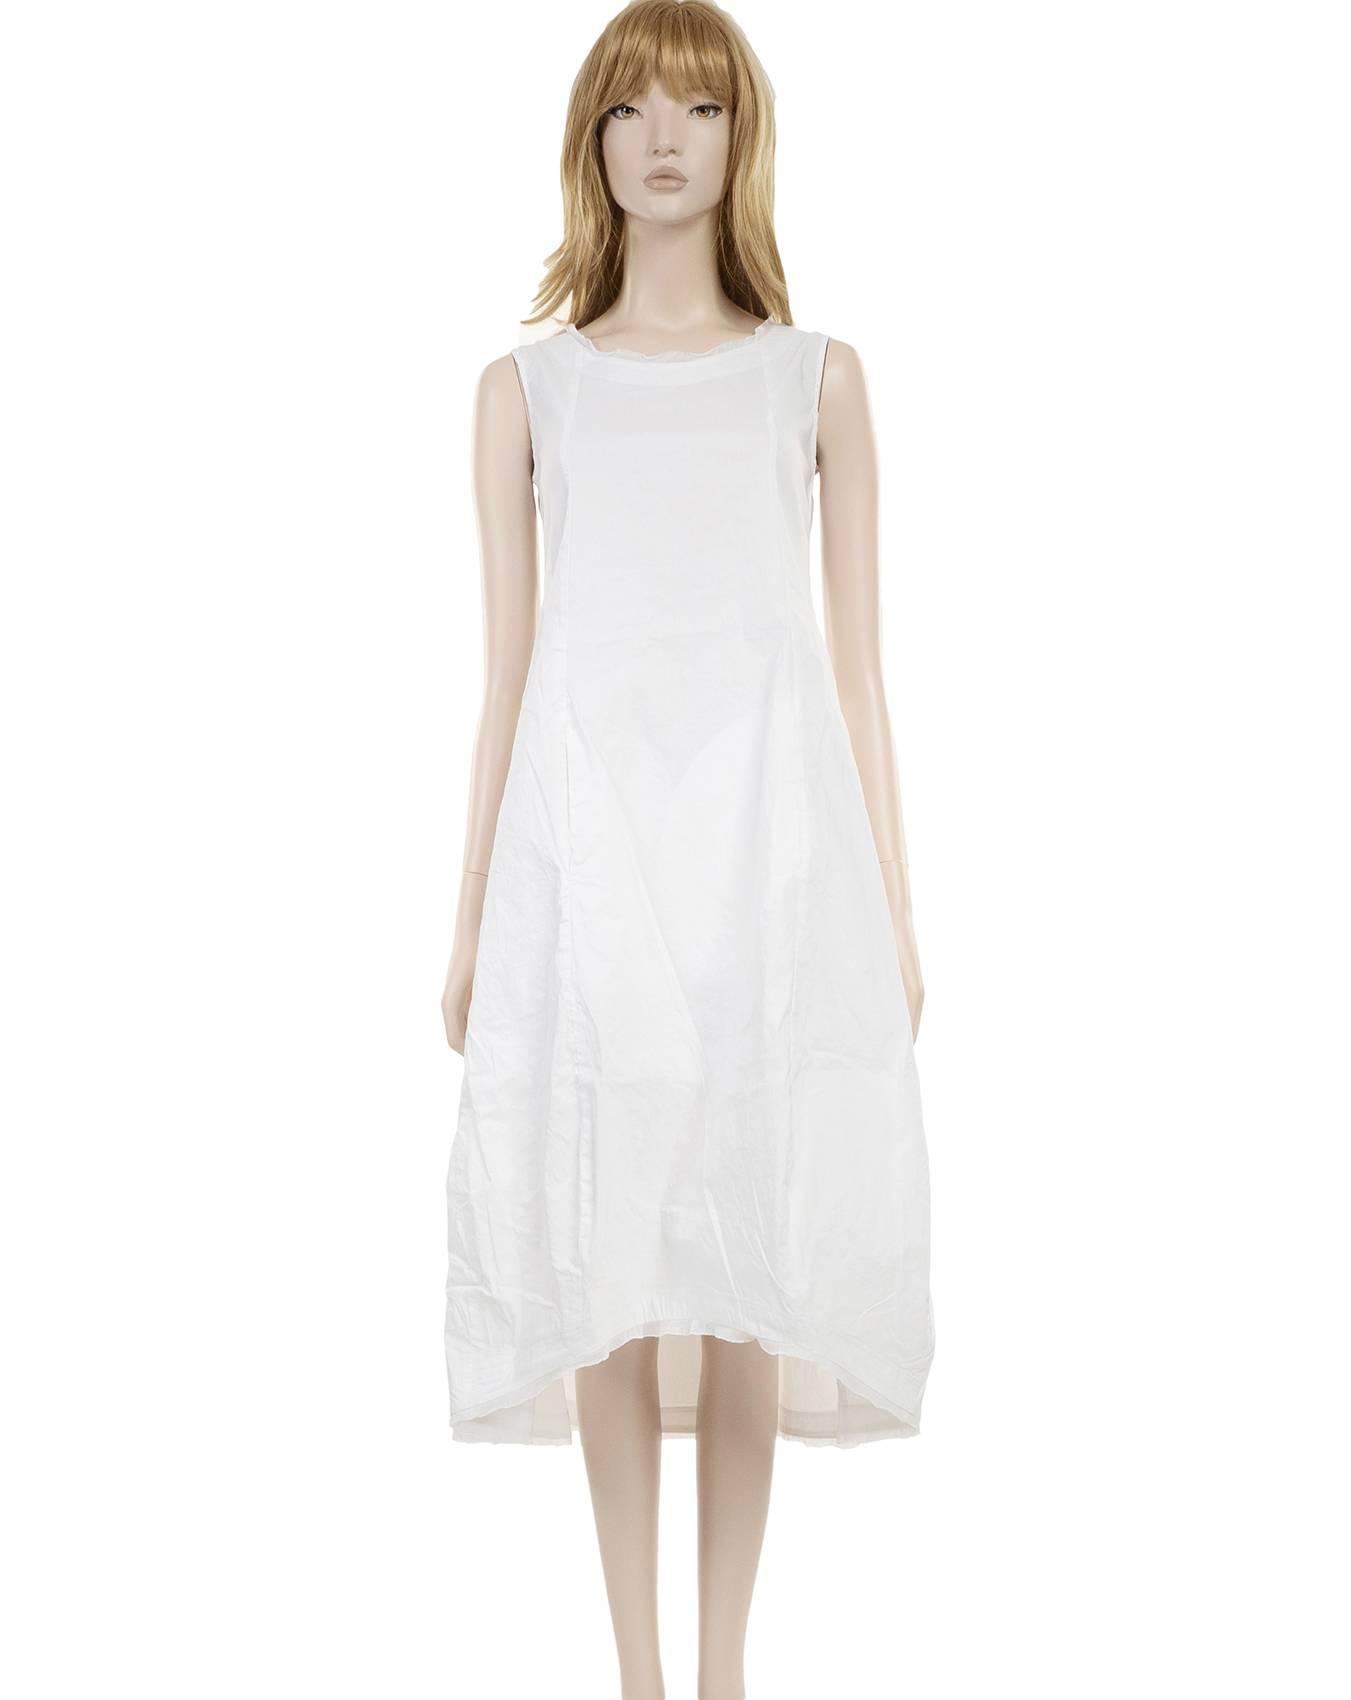 Kleid 363 09 09 | RUNDHOLZ BLACK LABEL